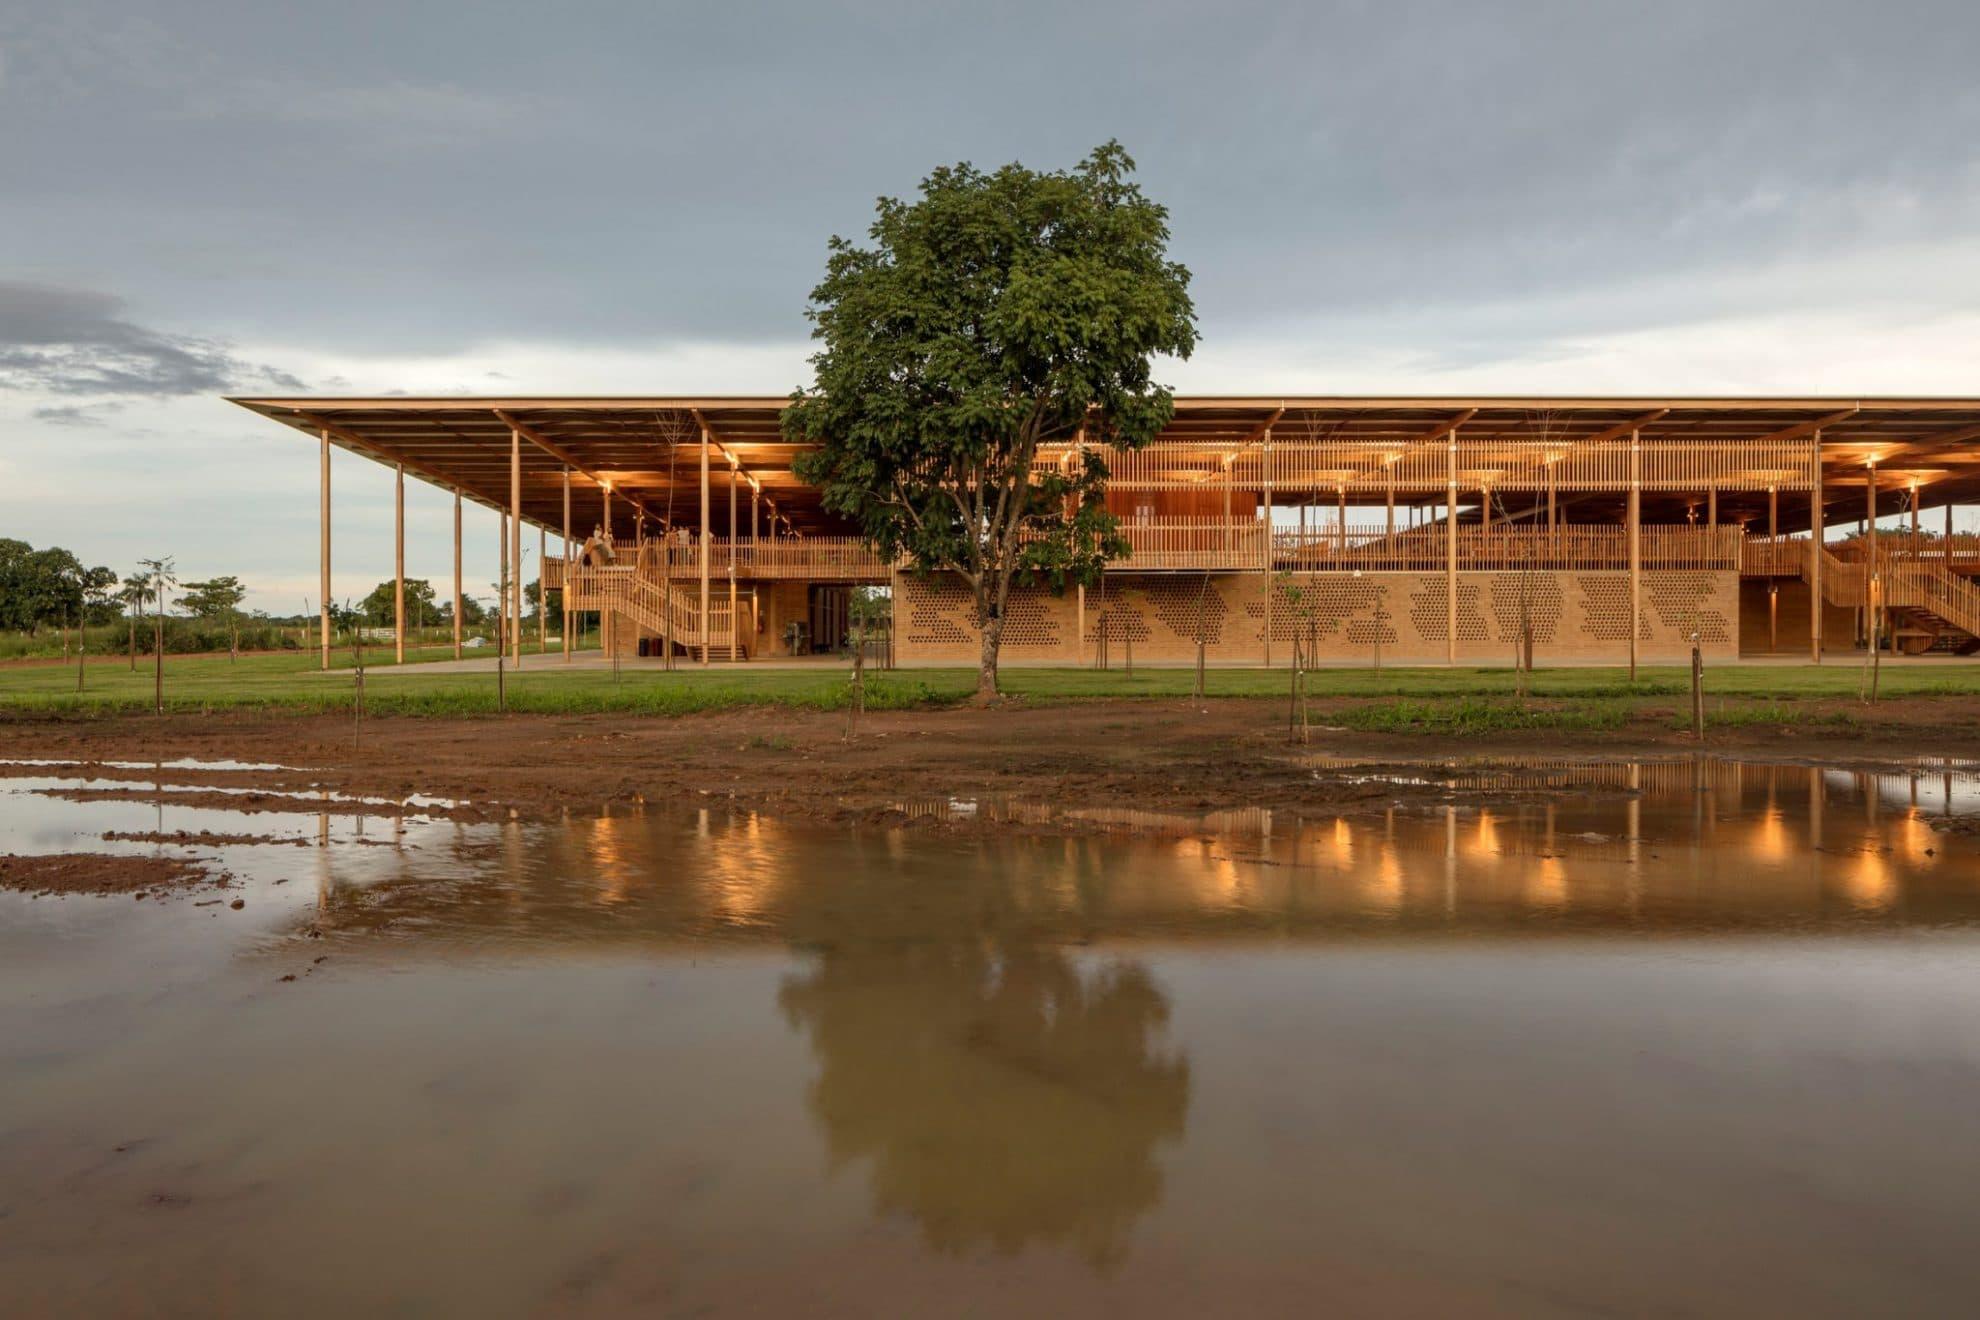 Children Village กำเนิดใหม่ของสถาปัตยกรรมพื้นถิ่นดินแดนบราซิล